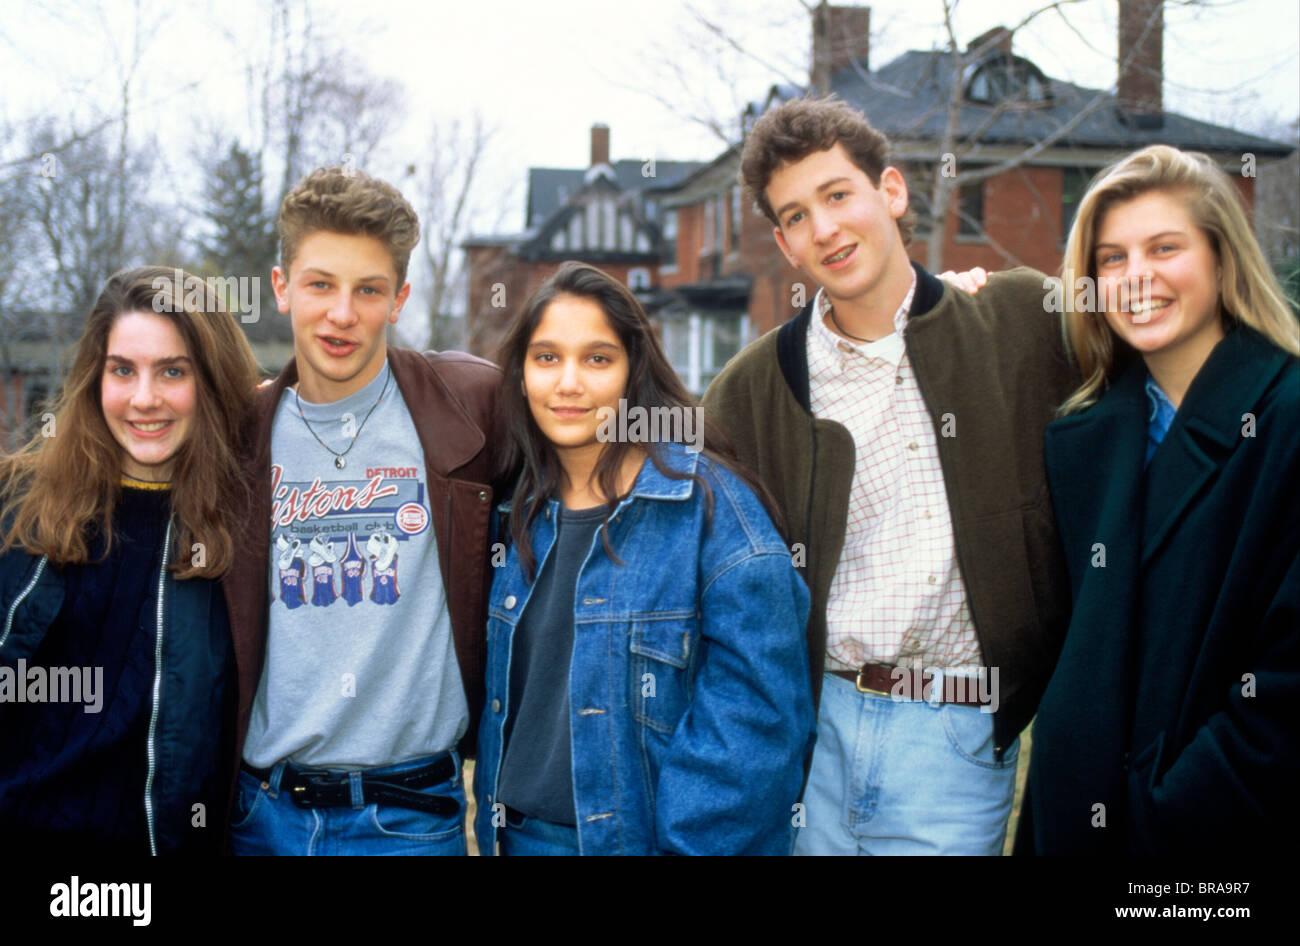 GRUPPENBILD DER 1990ER JAHRE VON ZWEI TEENAGER-JUNGEN UND DREI MÄDCHEN IM TEENAGERALTER BLICK IN DIE KAMERA Stockbild